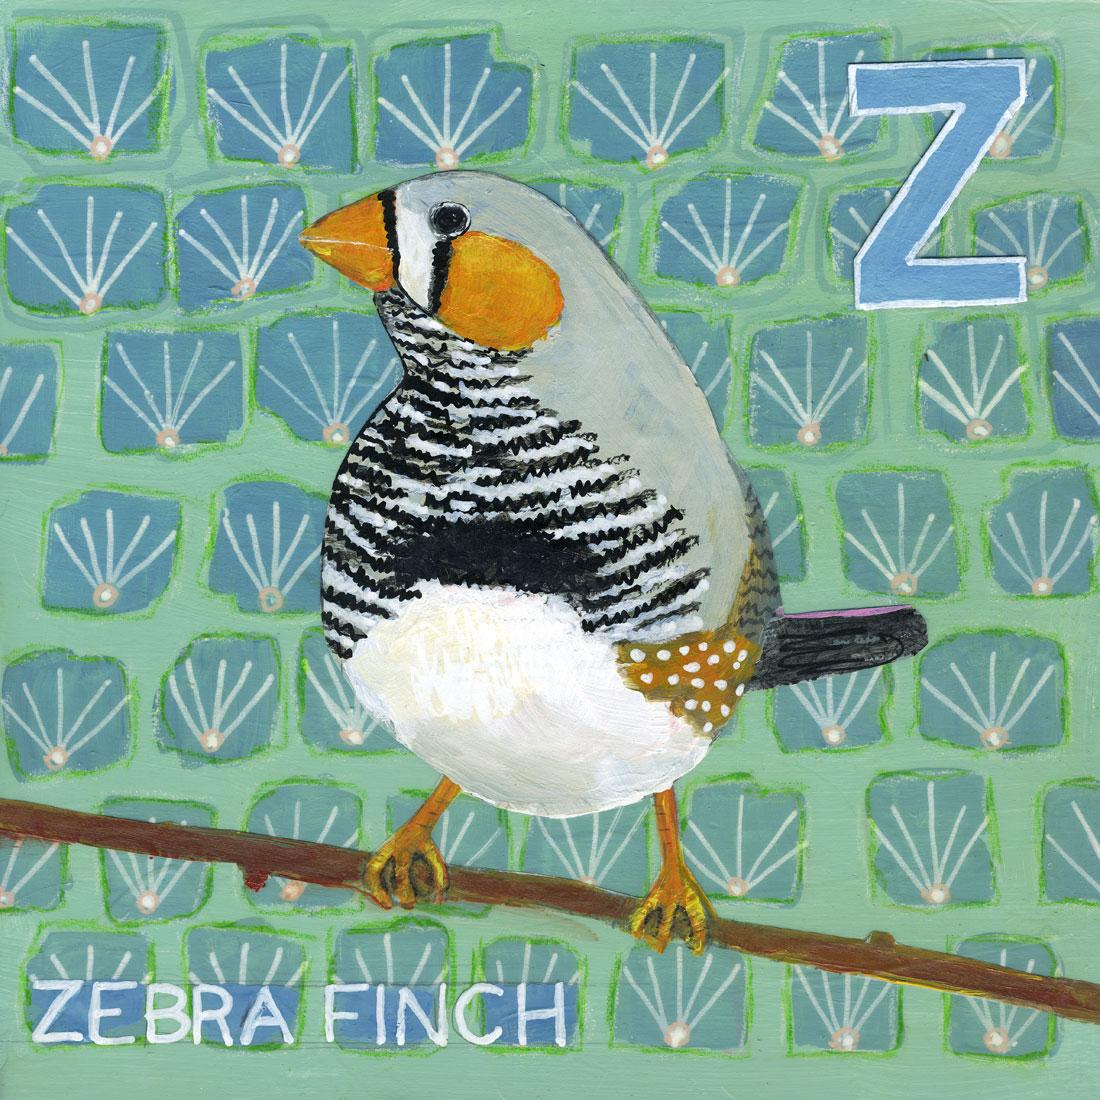 zebra-finch1.jpg